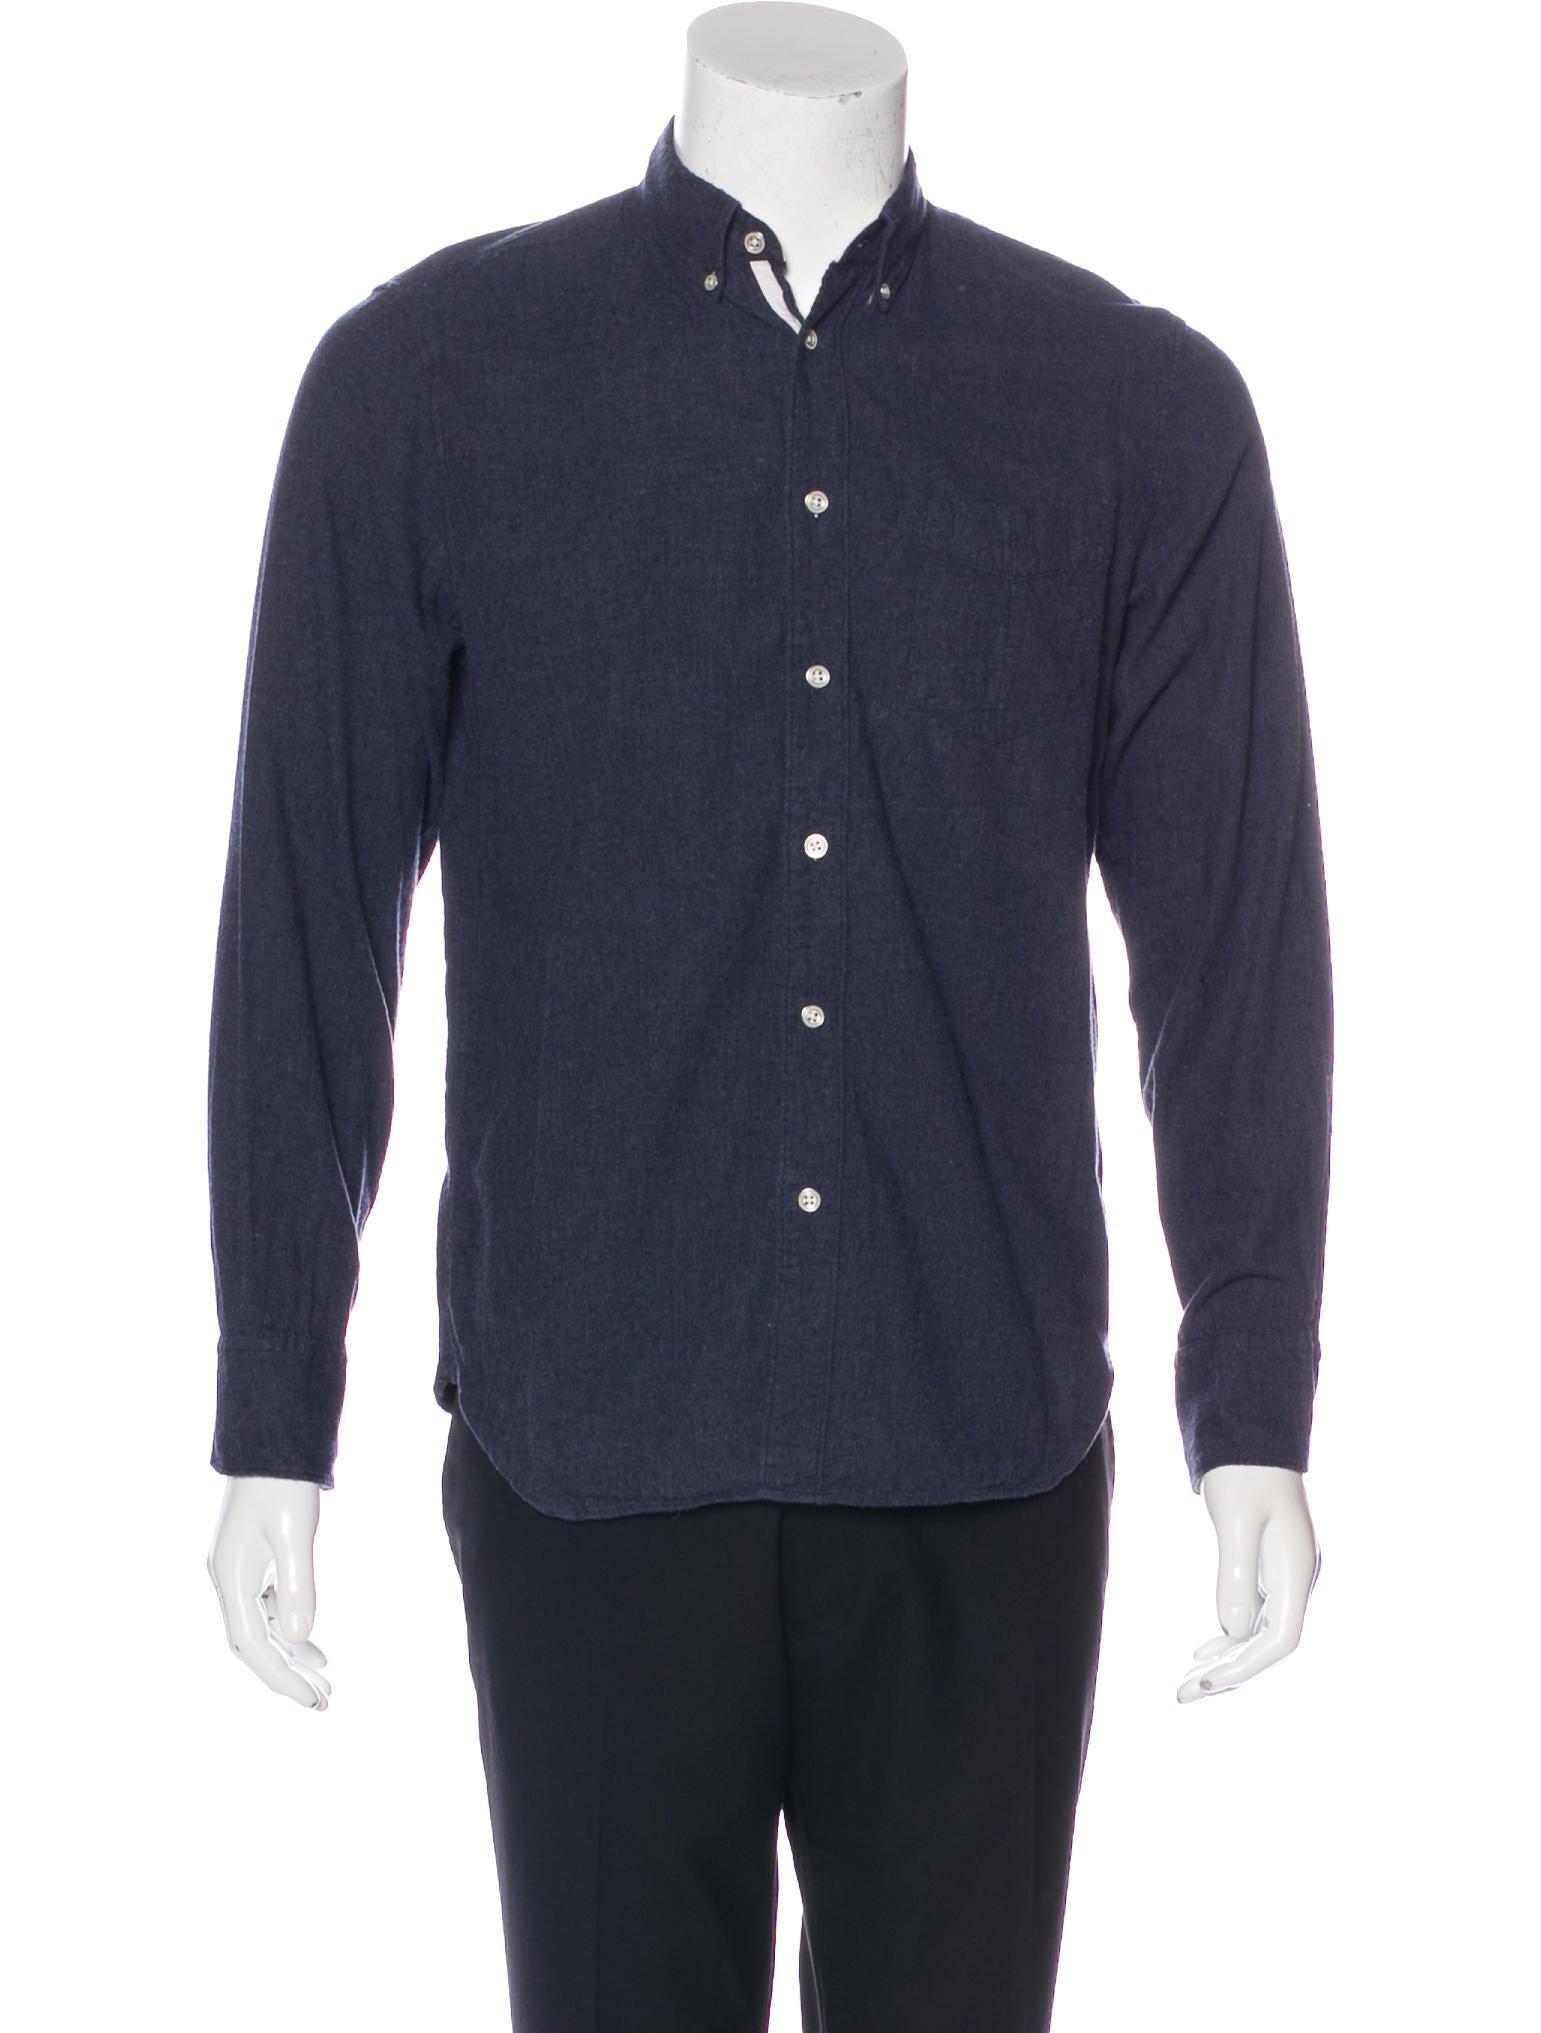 Rag Bone Standard Issue Shirt Clothing Wragb80692